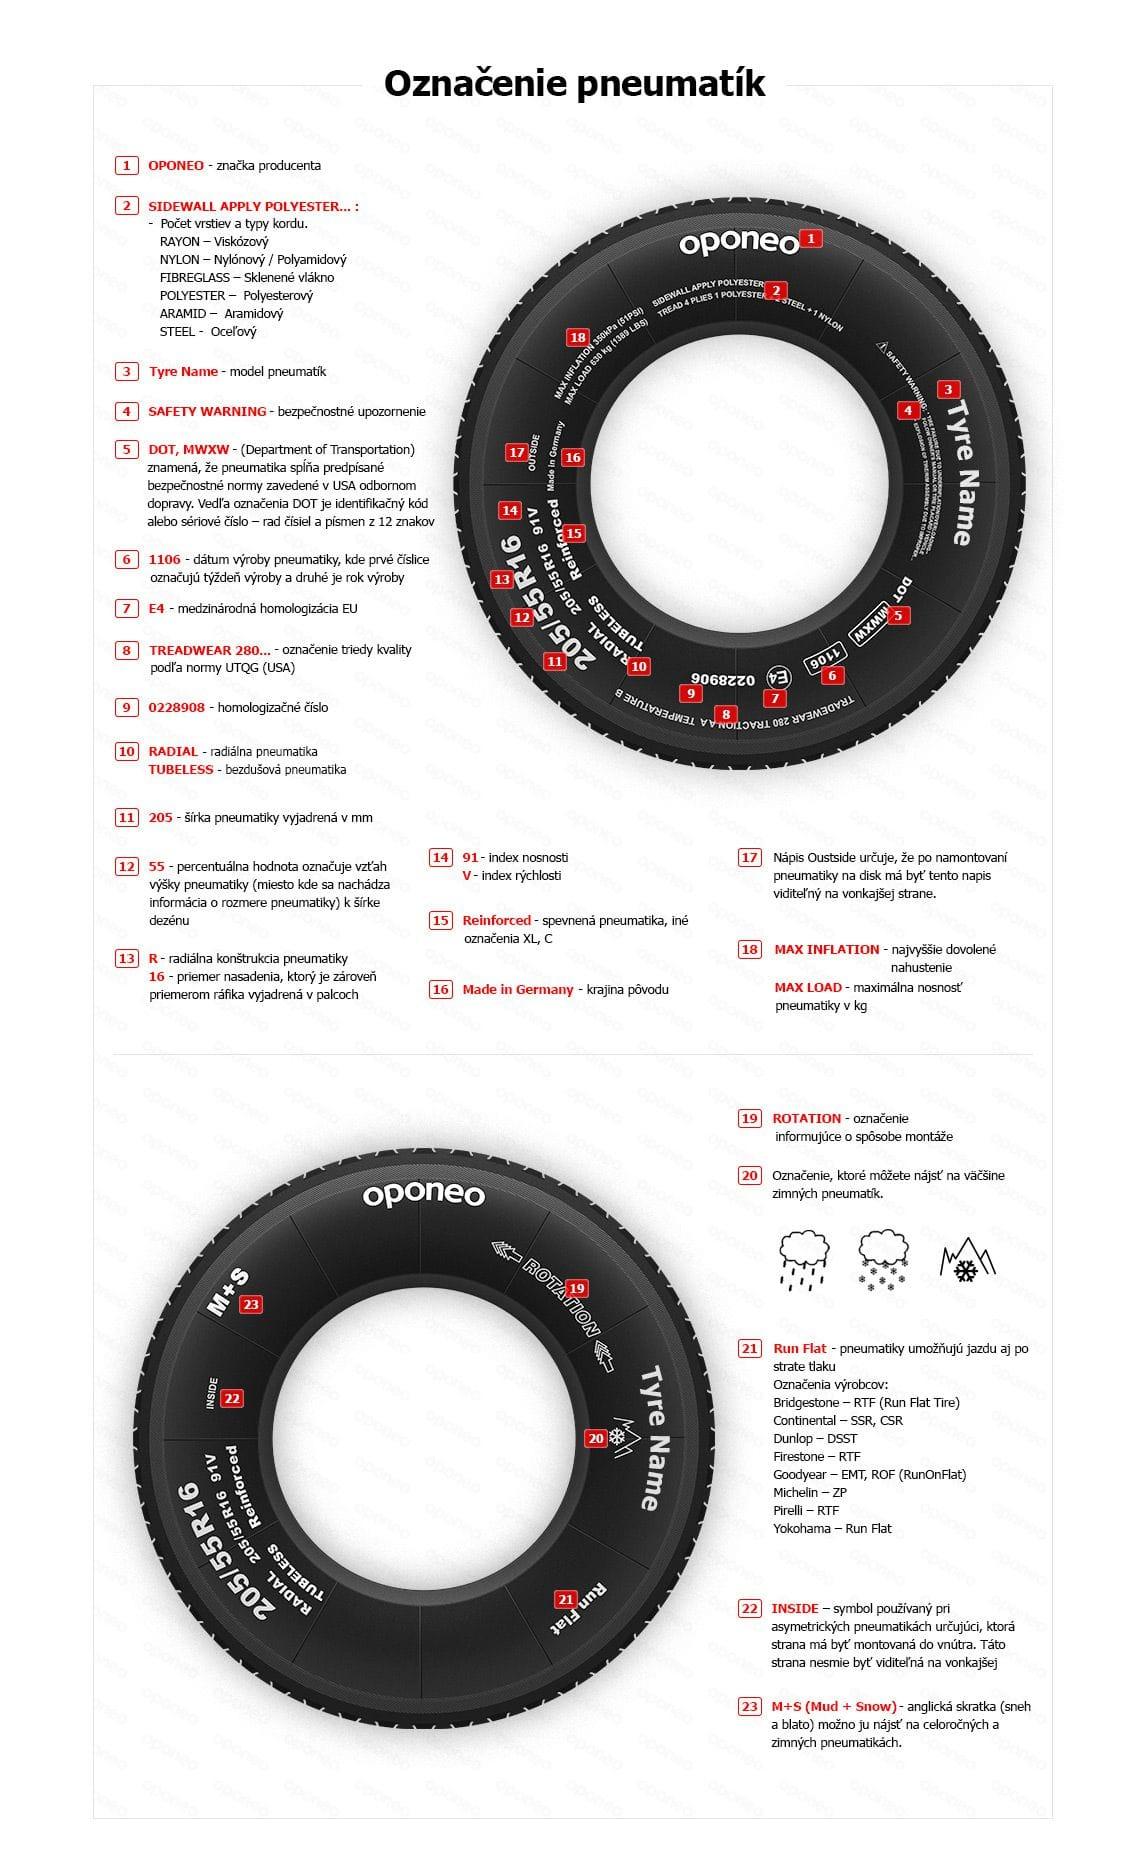 07971920e2 Označenie pneumatík » Základné rozmery pneumatík » Oponeo